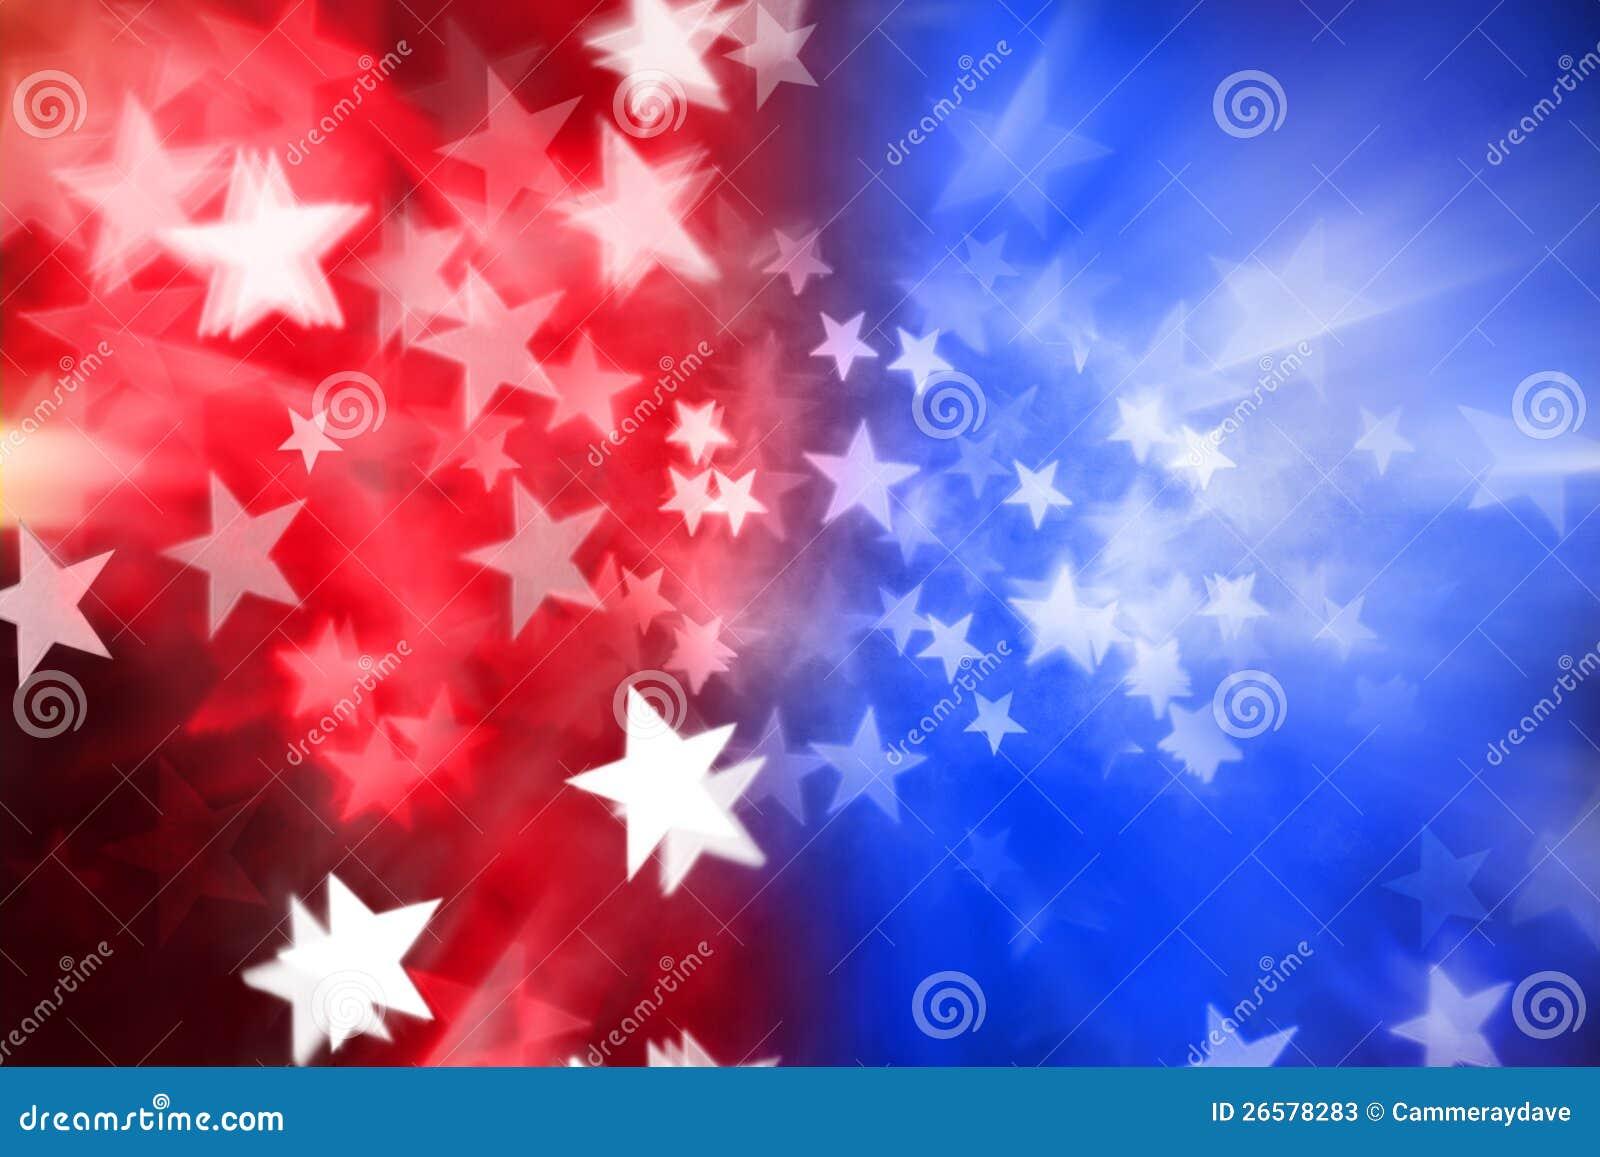 Красная белая предпосылка голубых звезд абстрактная